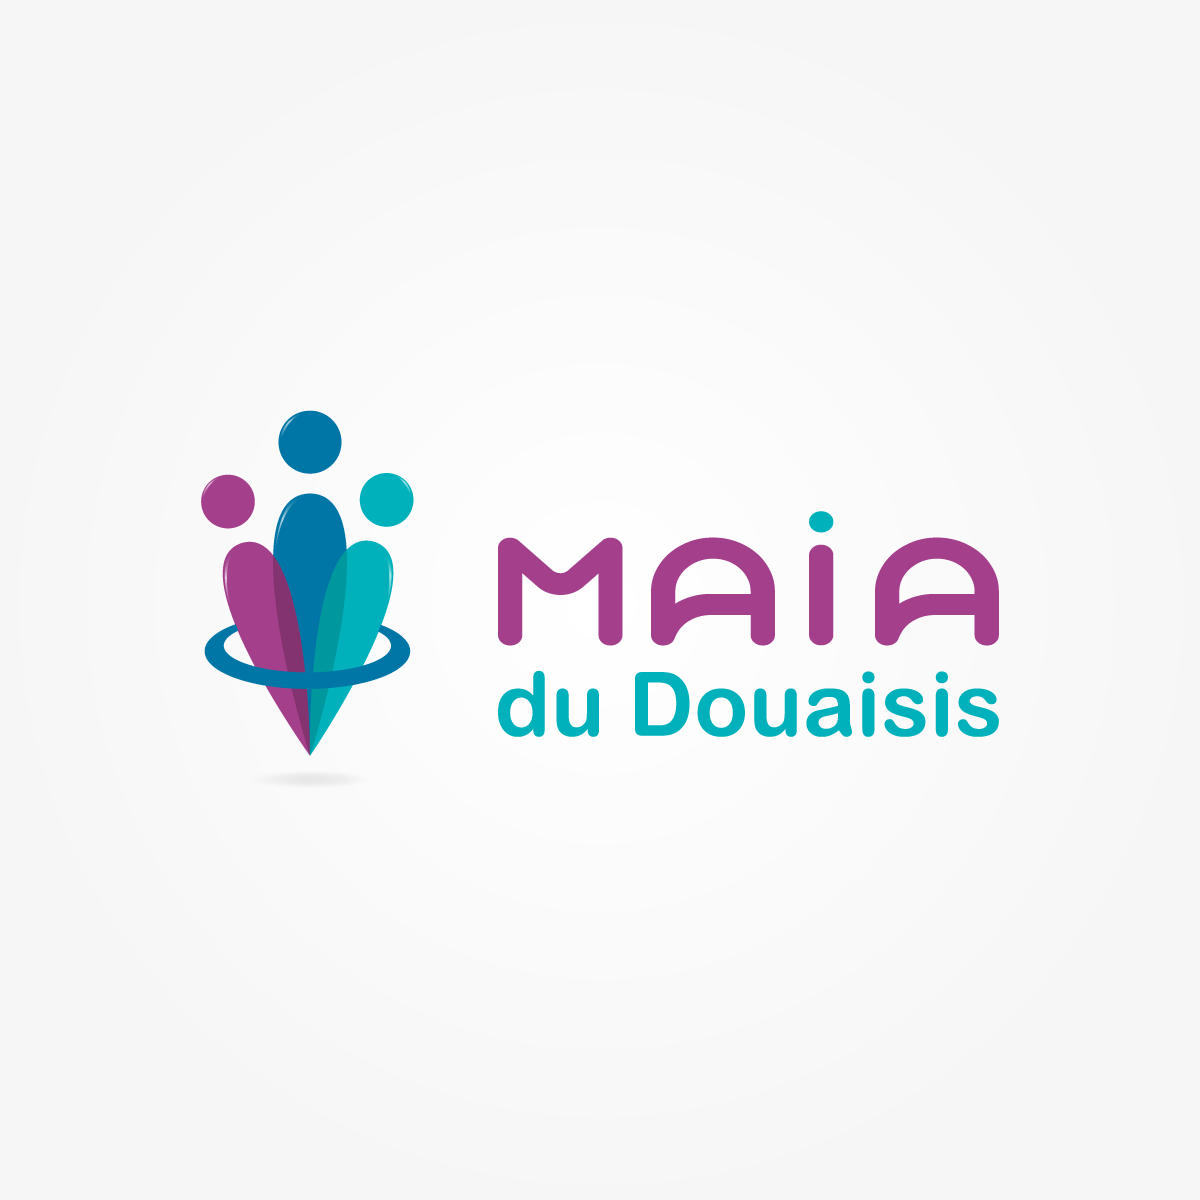 maia-douaisis-logo